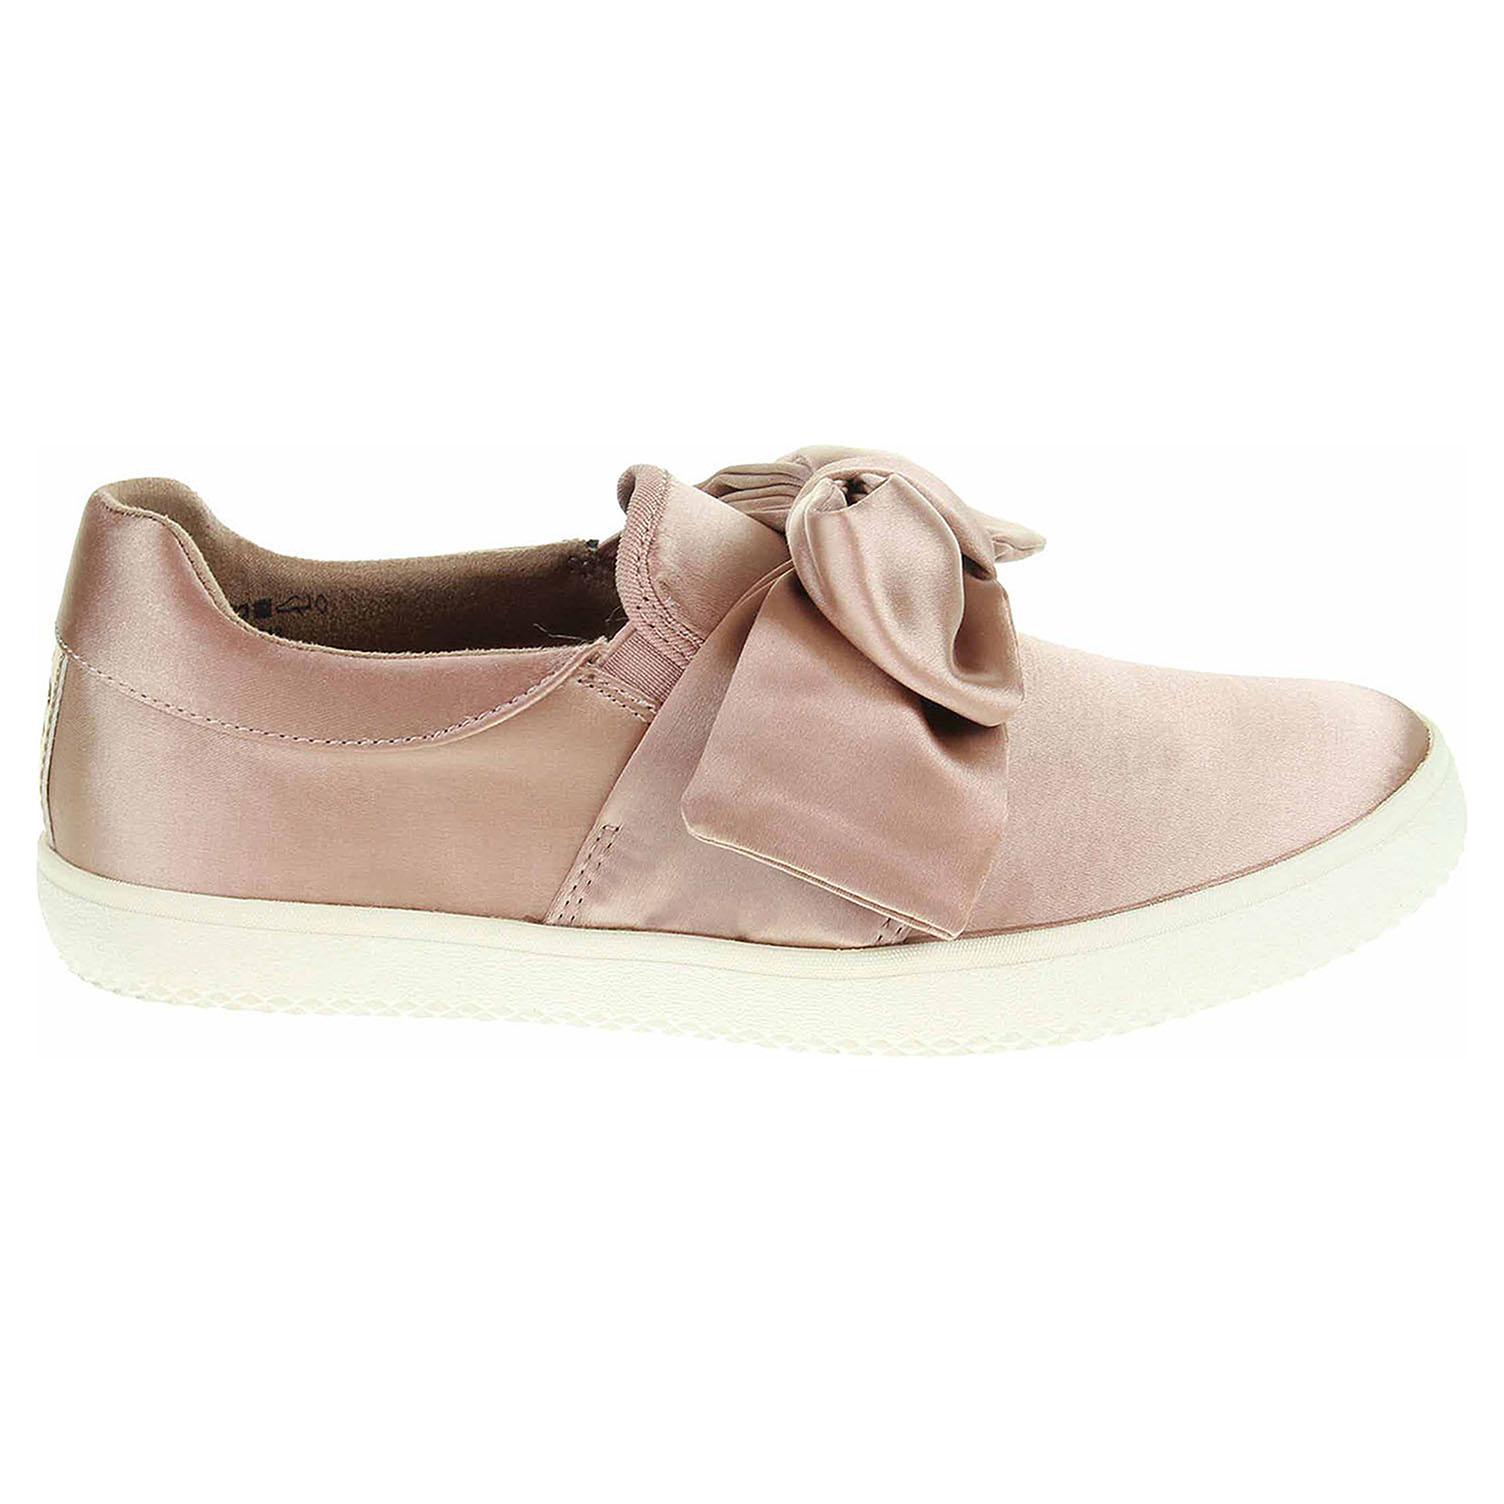 Oliver dámská obuv 5-24609-20 old rose 5-5- ee8676c82a